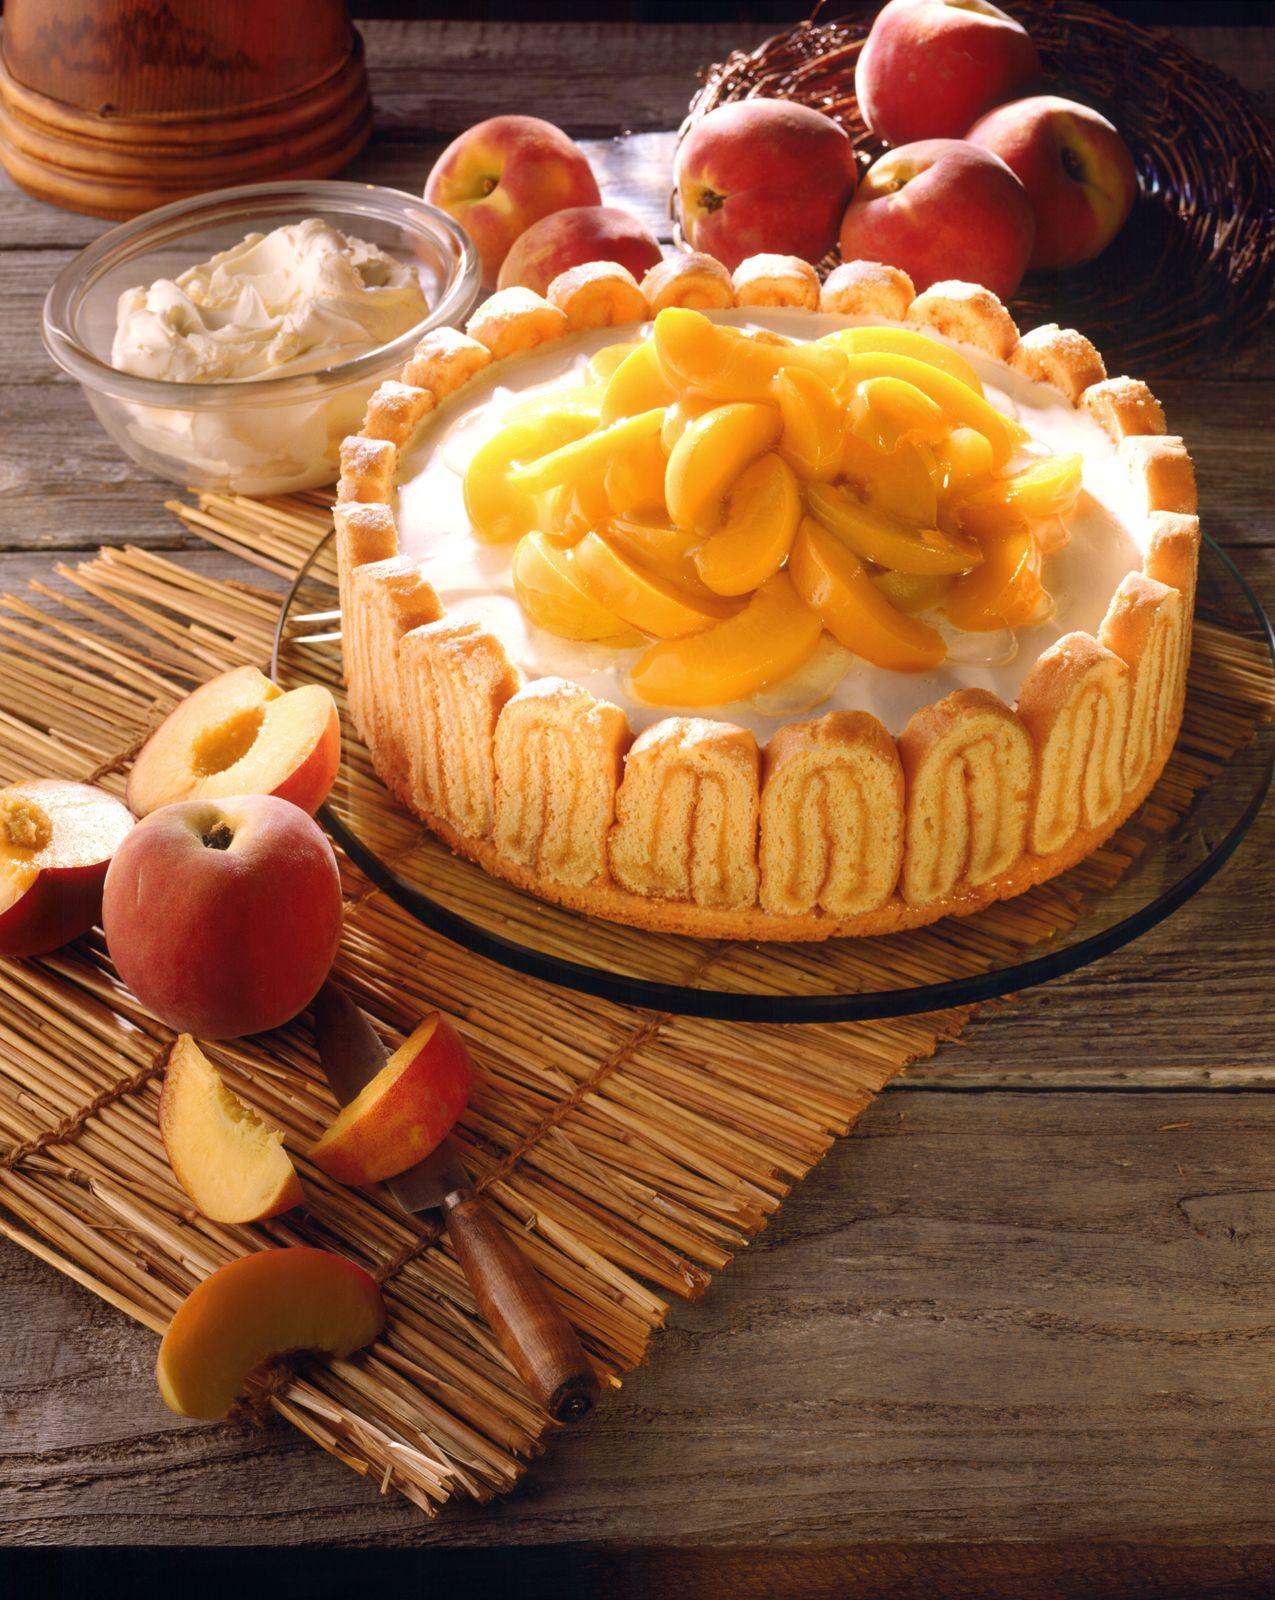 Pfirsich Mascarpone Torte Rezept In 2018 Torten Rezepte Kuchen